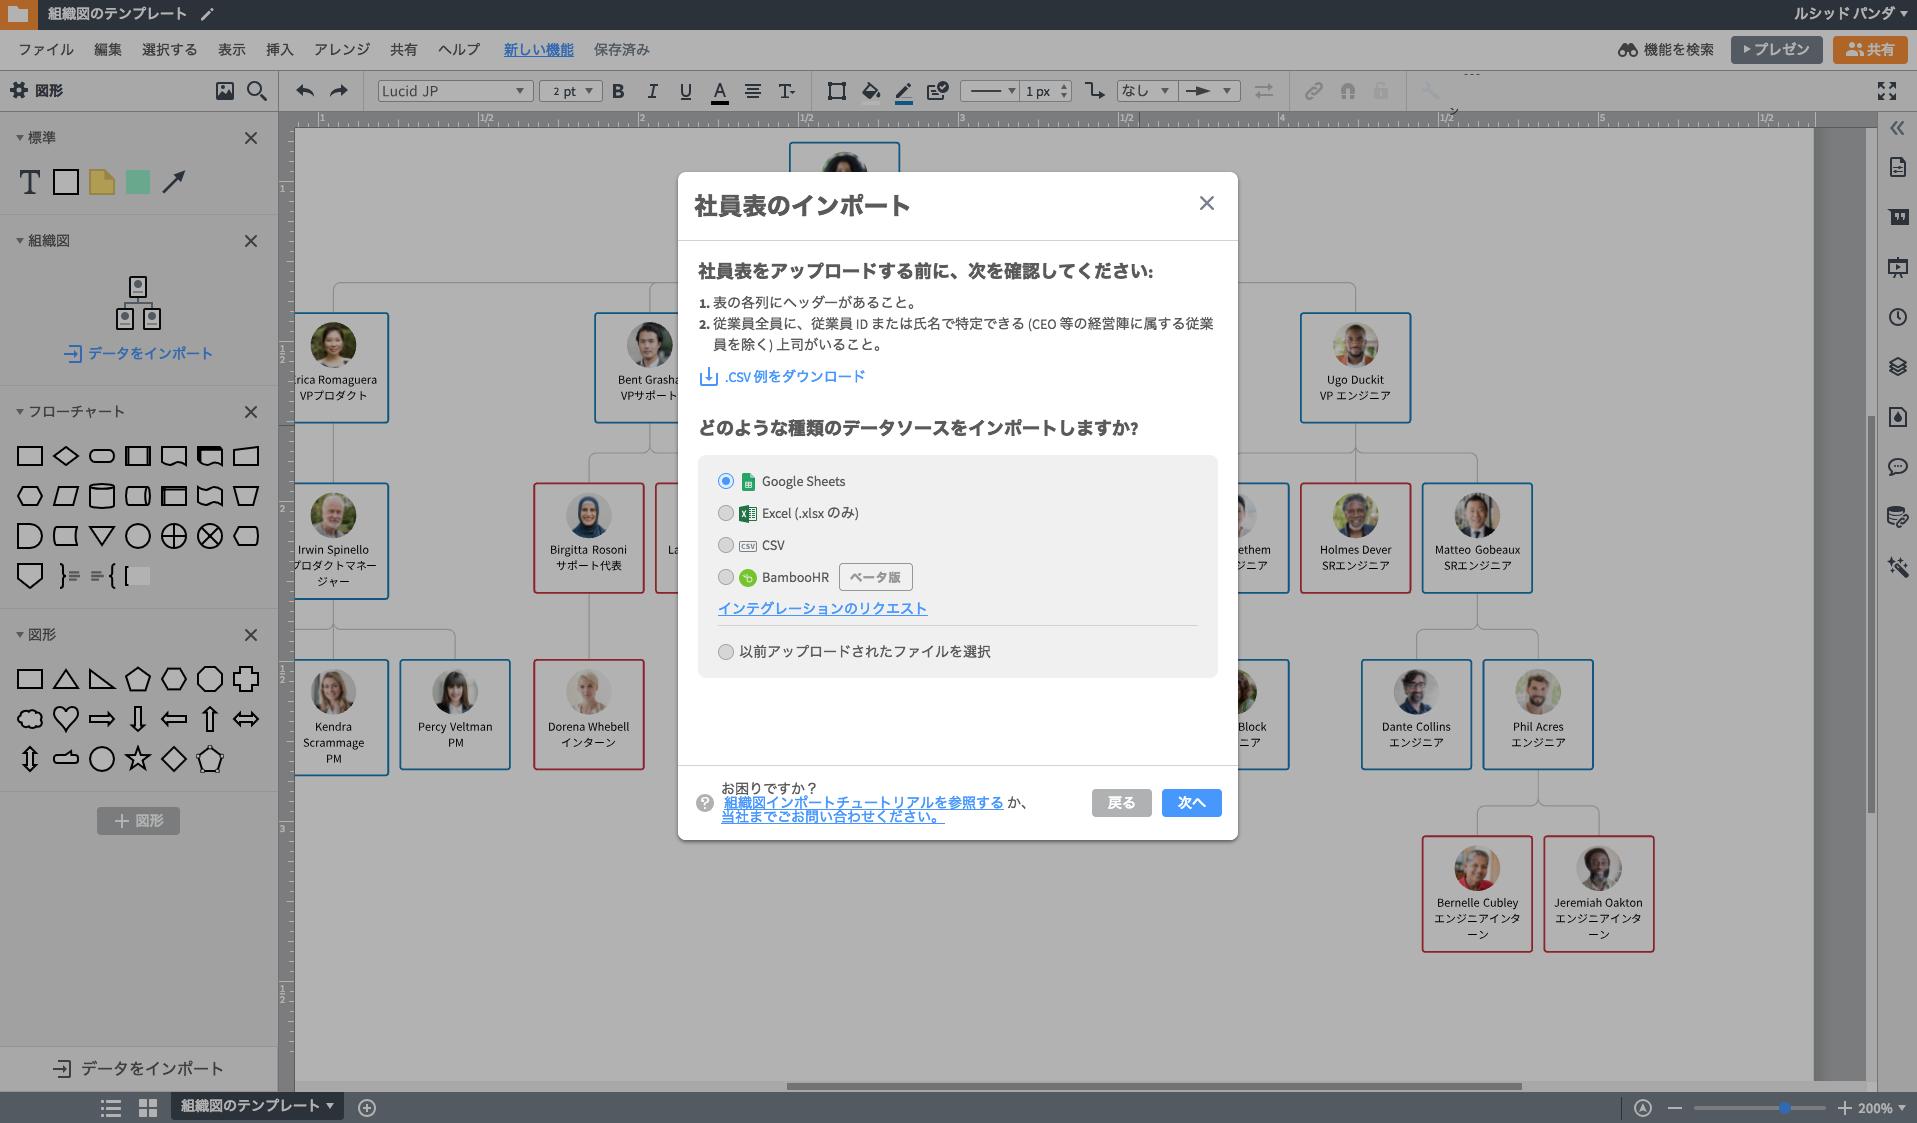 組織図ソフトでデータ自動インポート